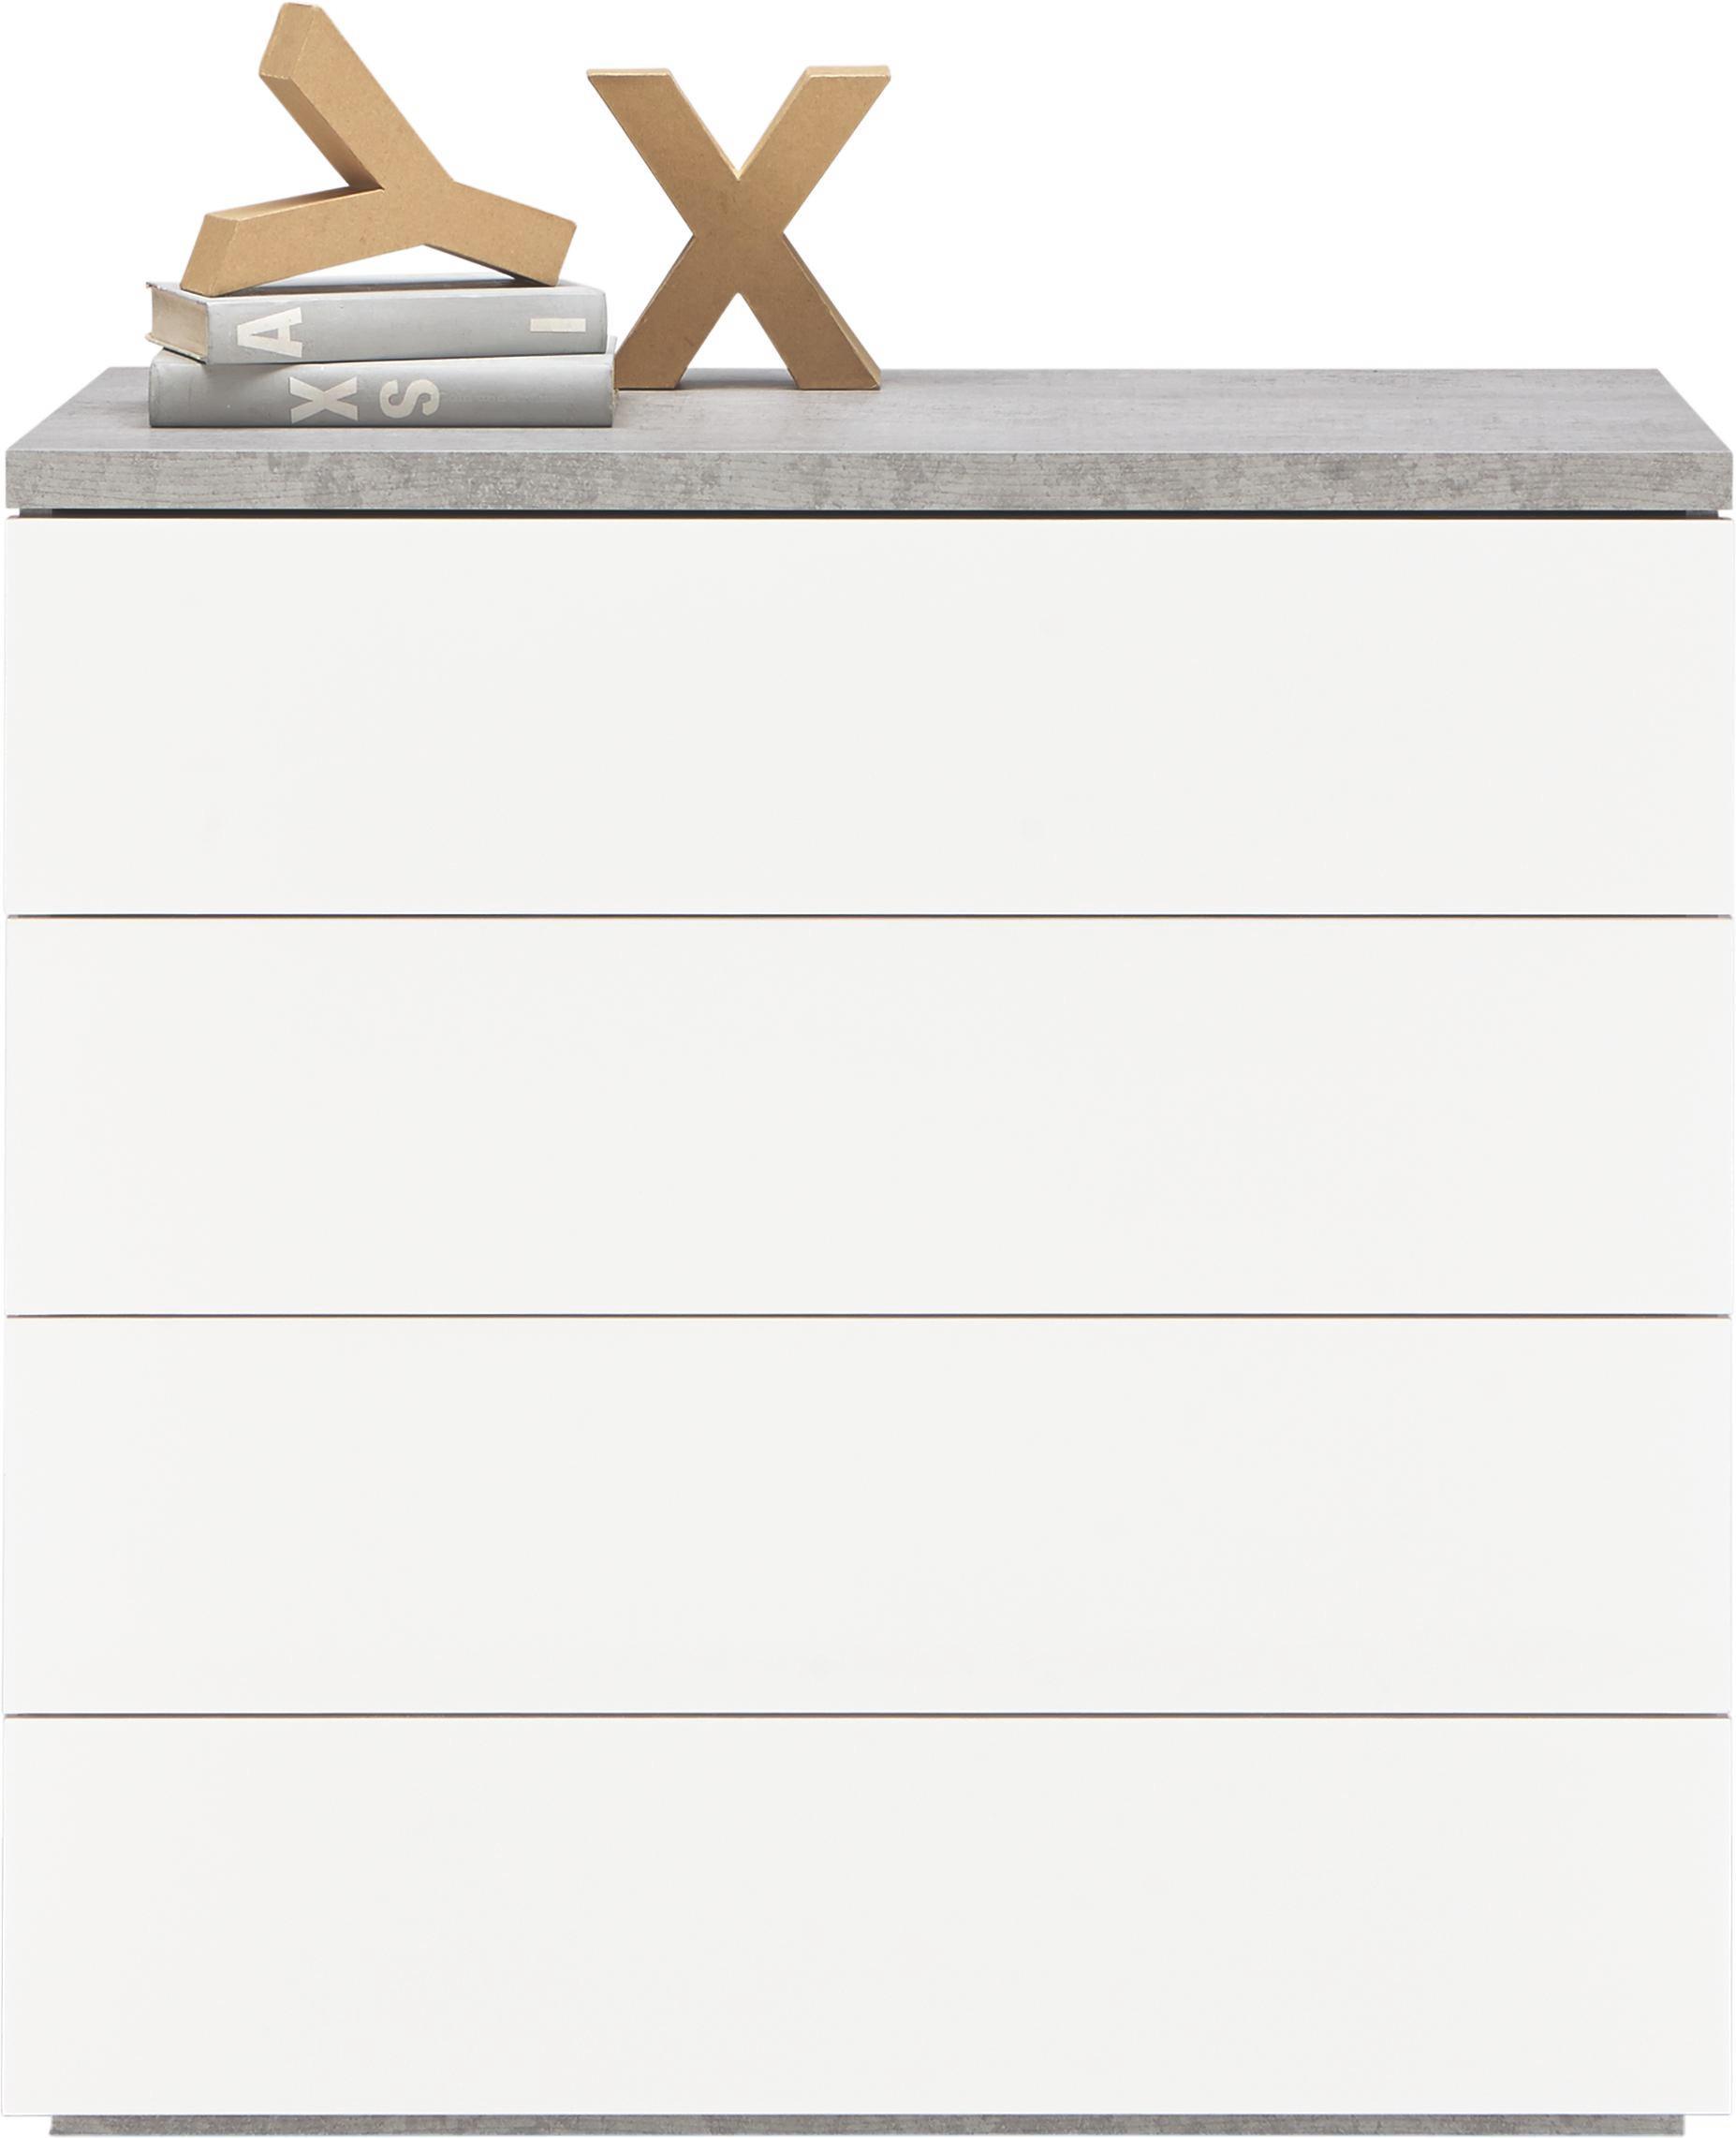 Kommode in Grau/Weiß - Weiß/Grau, Holzwerkstoff (85/88/44cm) - MODERN LIVING